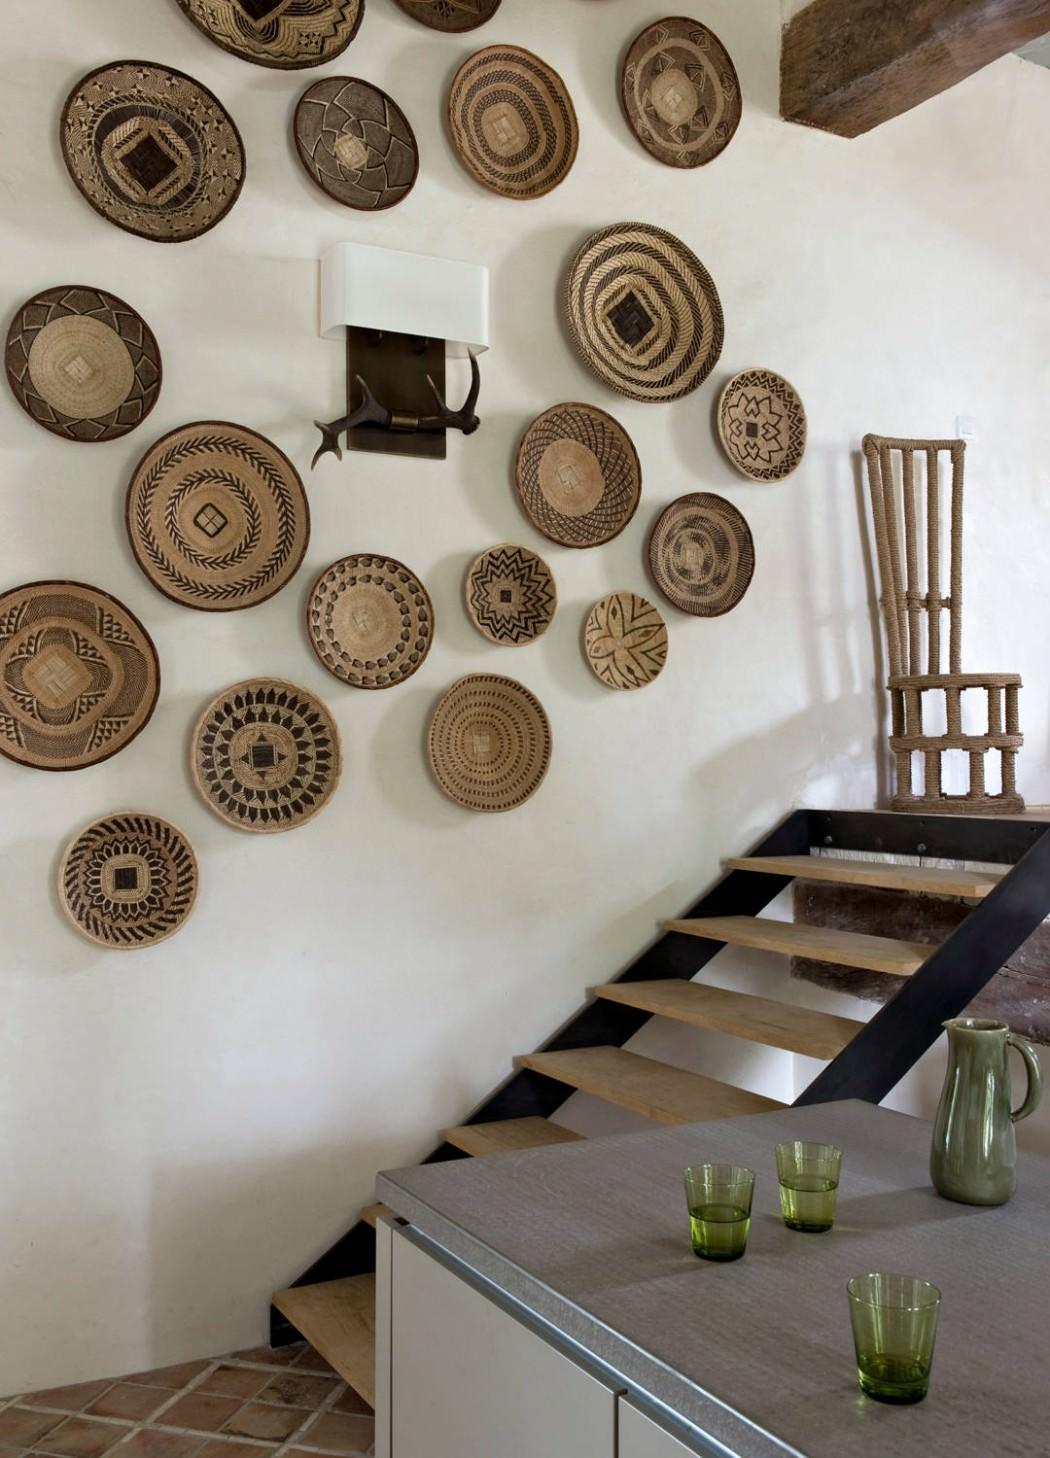 مطبخ بديكورات مبتكرة 1ا منزل متميز بديكورات مستوحاة من الطبيعة وأعماق البحار